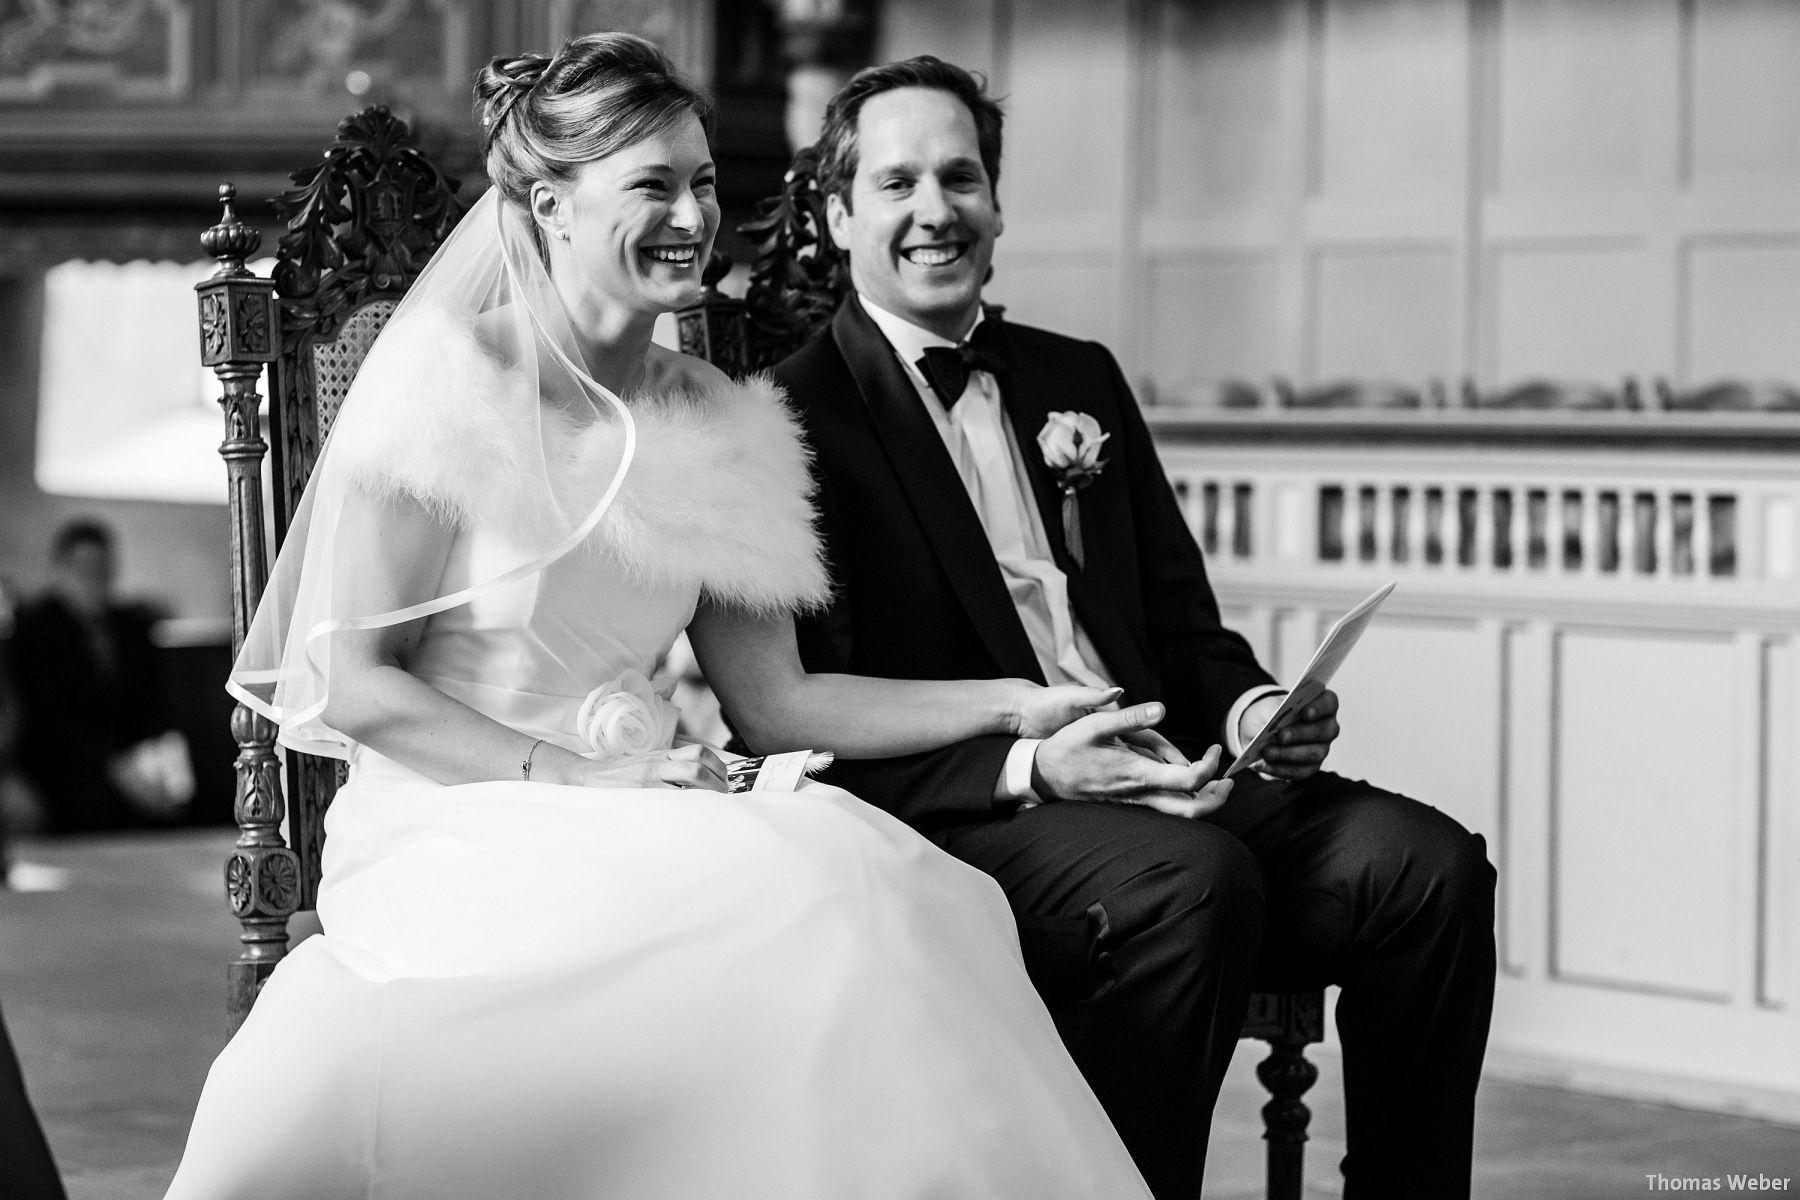 Hochzeitsfotograf Rastede: Kirchliche Trauung in der St. Ulrichs Kirche Rastede und Hochzeitsfeier in der Eventscheune St Georg Rastede mit dem Catering von Split Food (Michael Niebuhr) aus Oldenburg (25)